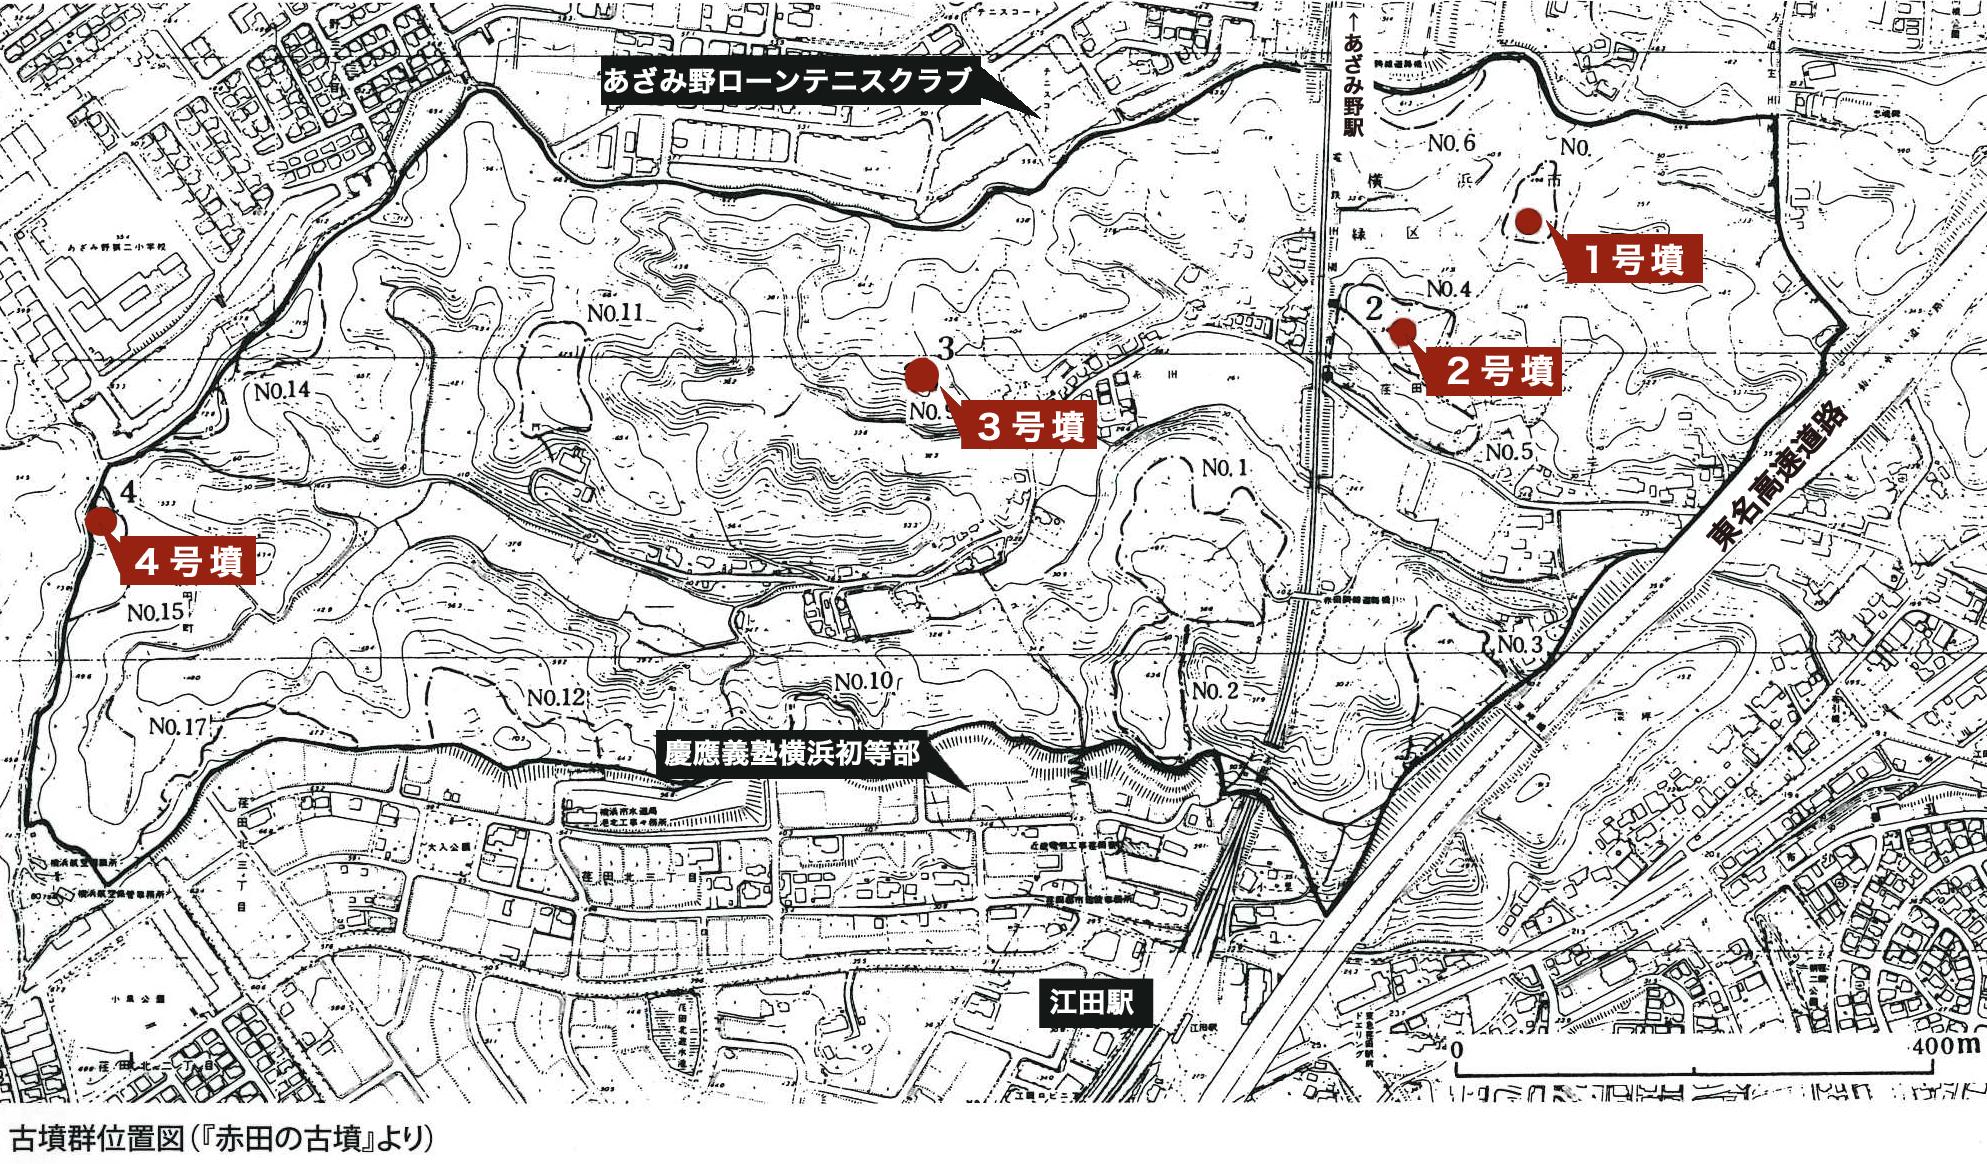 http://azamino-history.jp/history/img/kohunmap.png